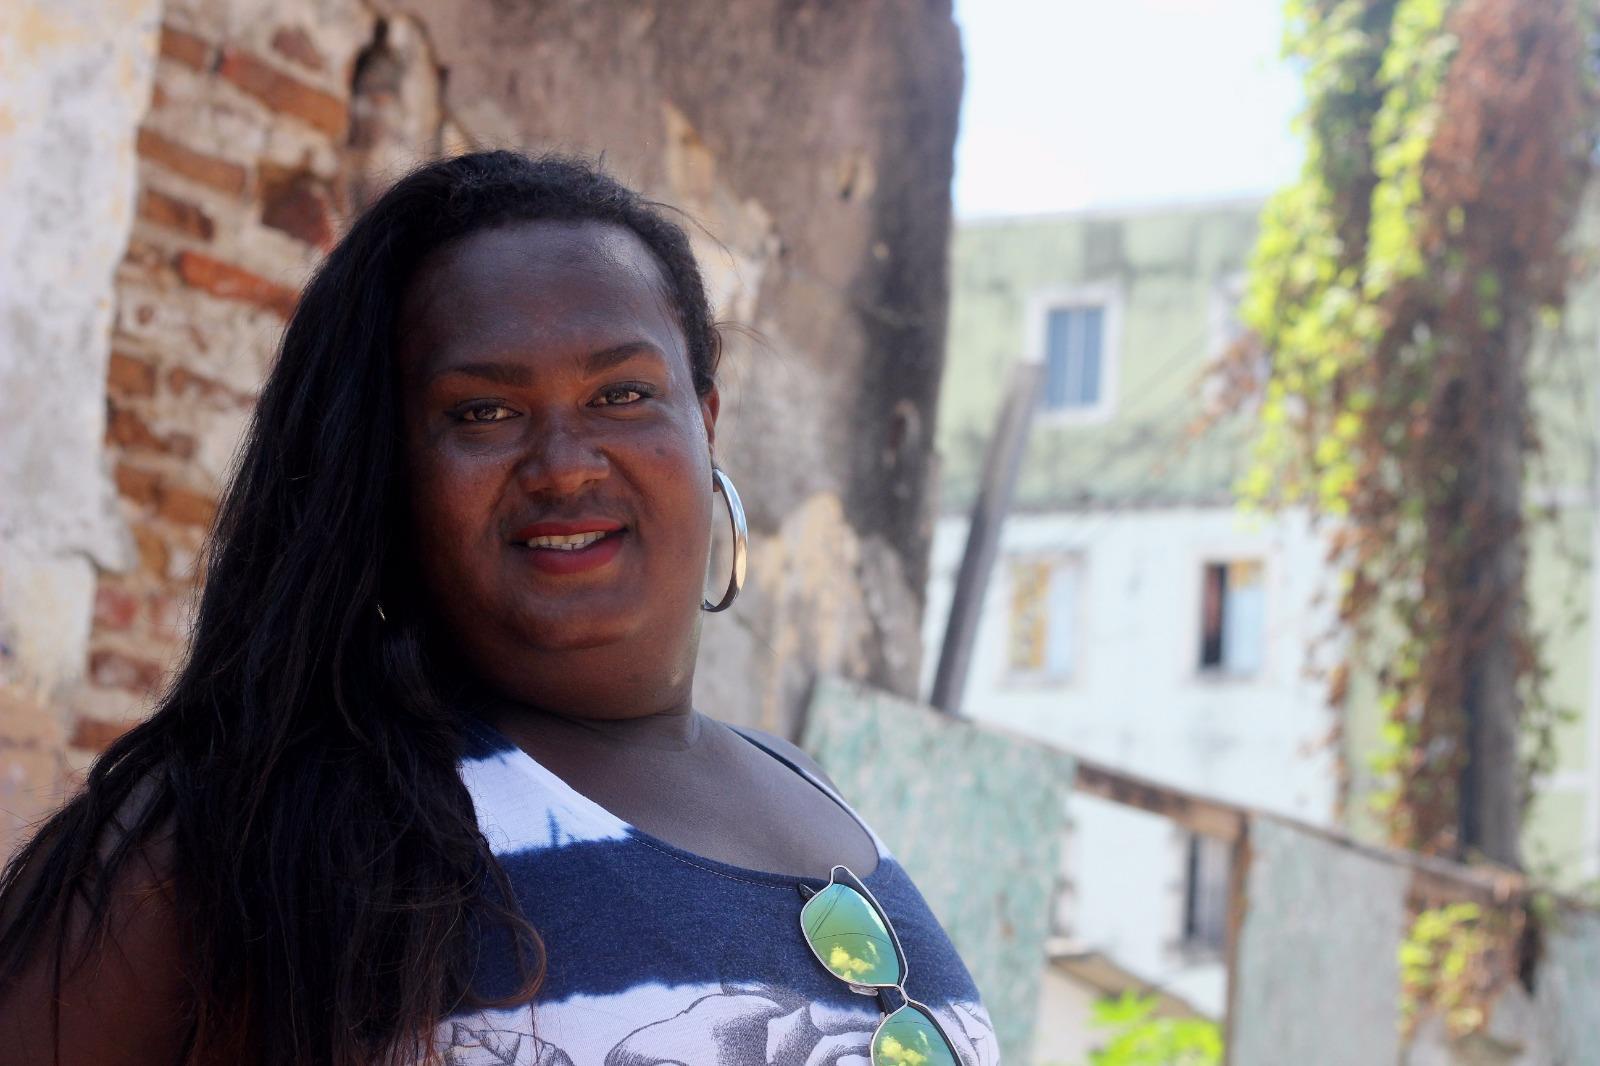 Recife cria uma central de emprego para transexuais e travestis